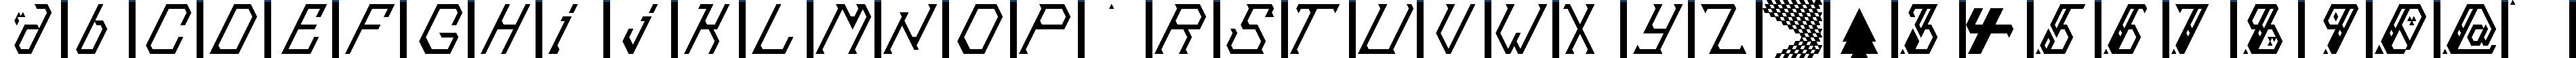 Particip-a-type v.319